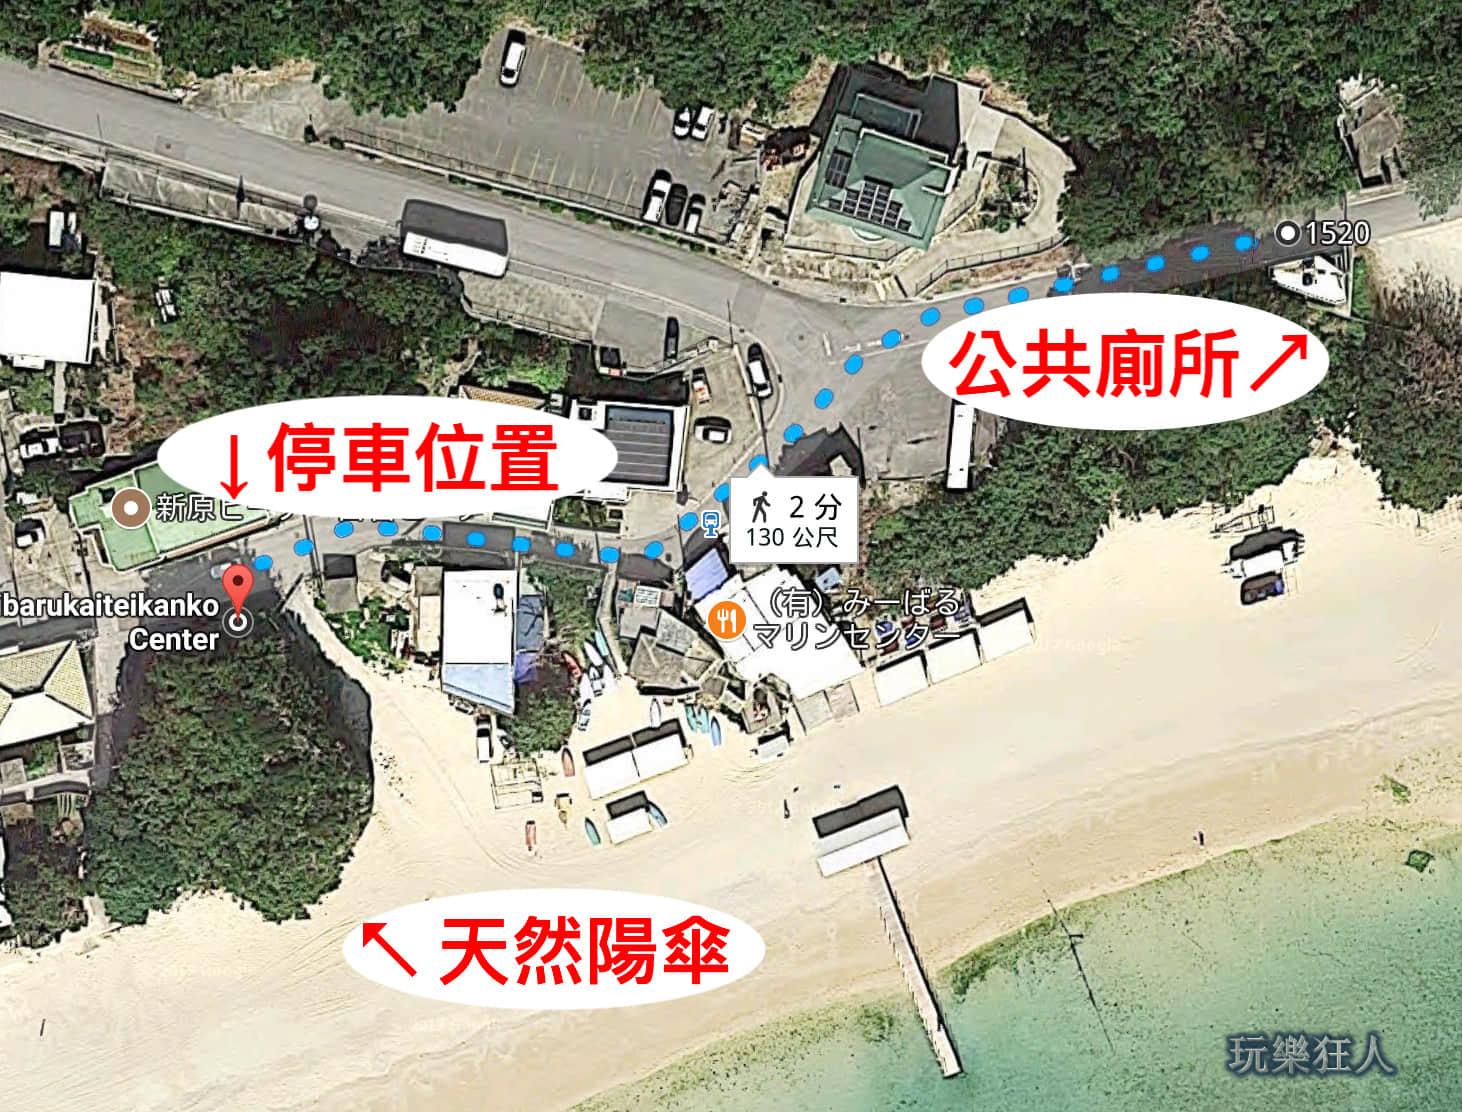 「新原海灘」公共廁所